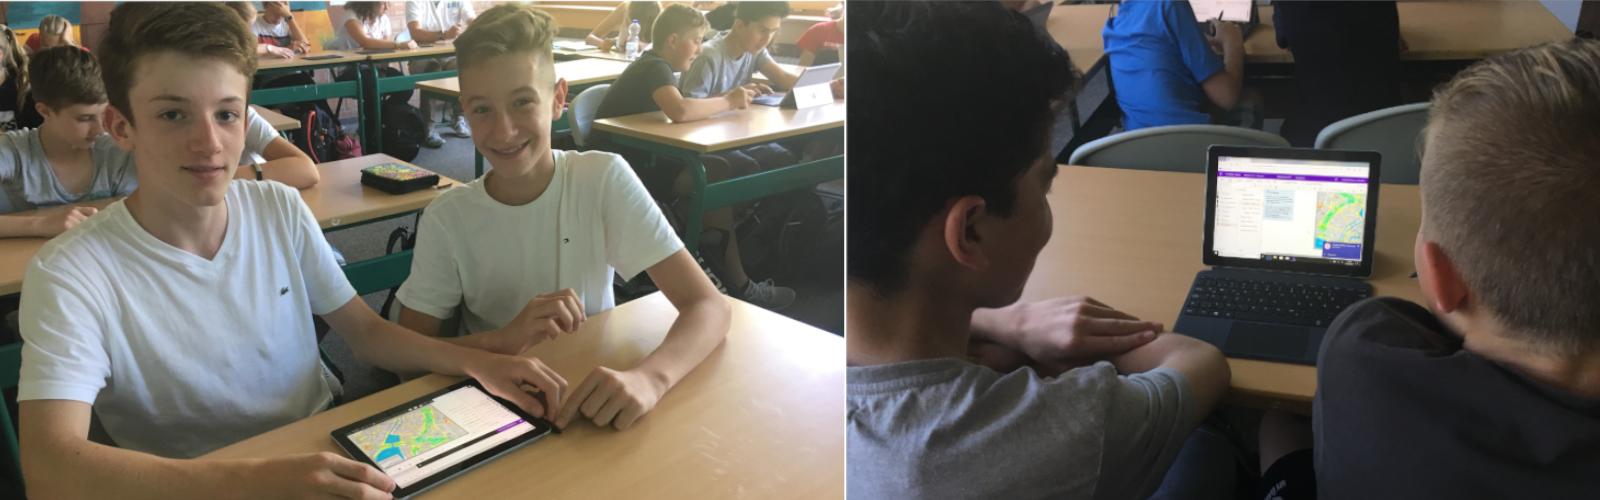 Lernende erledigen die Aufgabe einer Wegbeschreibung in OneNote auf den Surface Go Devices.